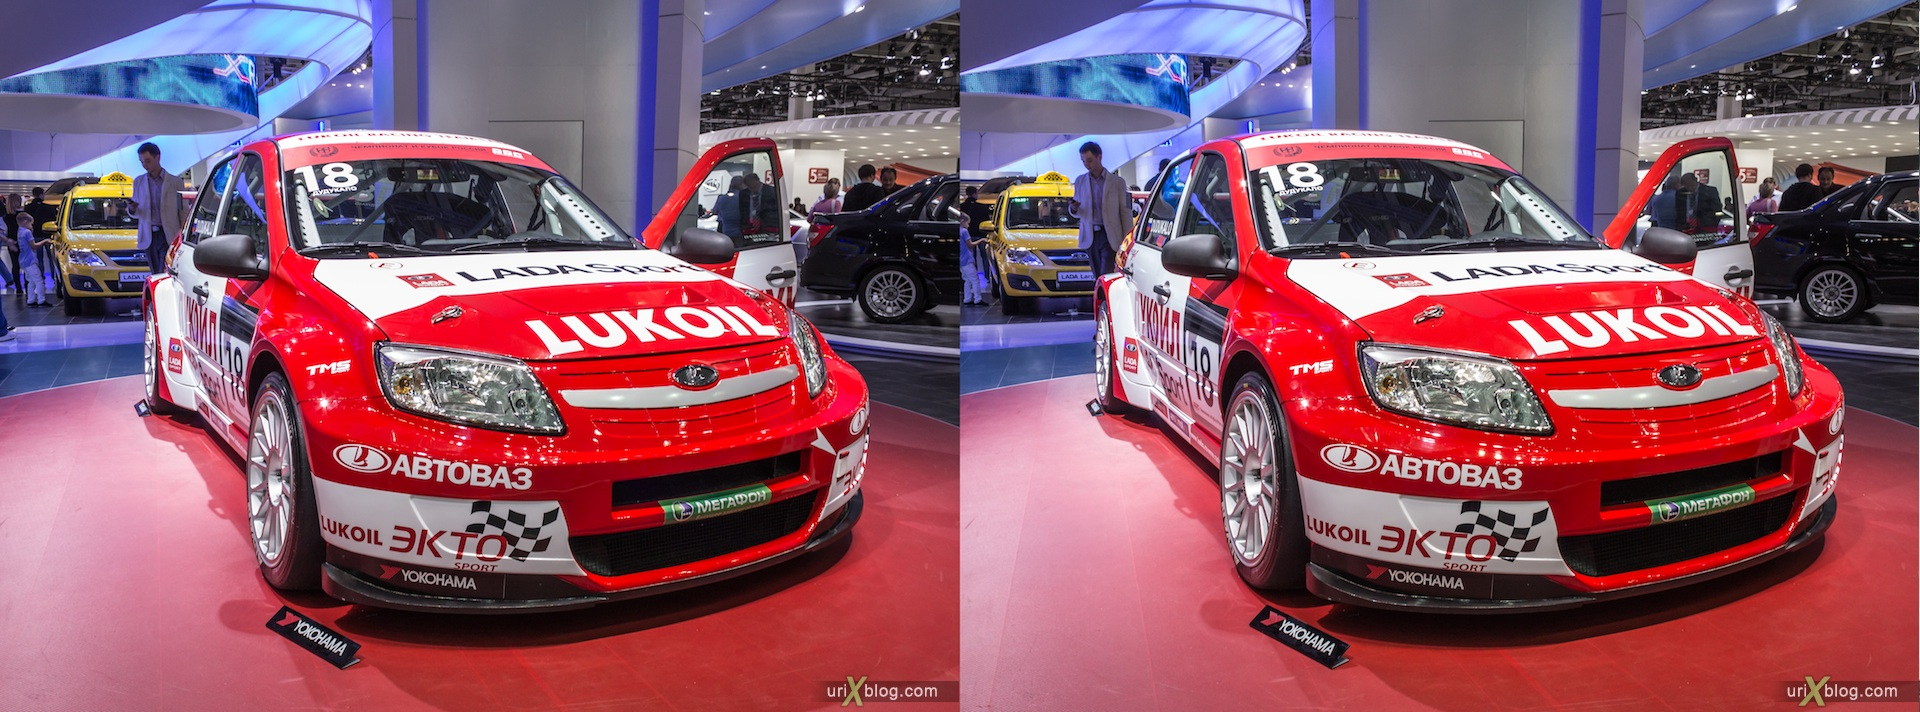 2012, Lada Sport, Московский международный автомобильный салон, ММАС, Крокус Экспо, 3D, стереопара